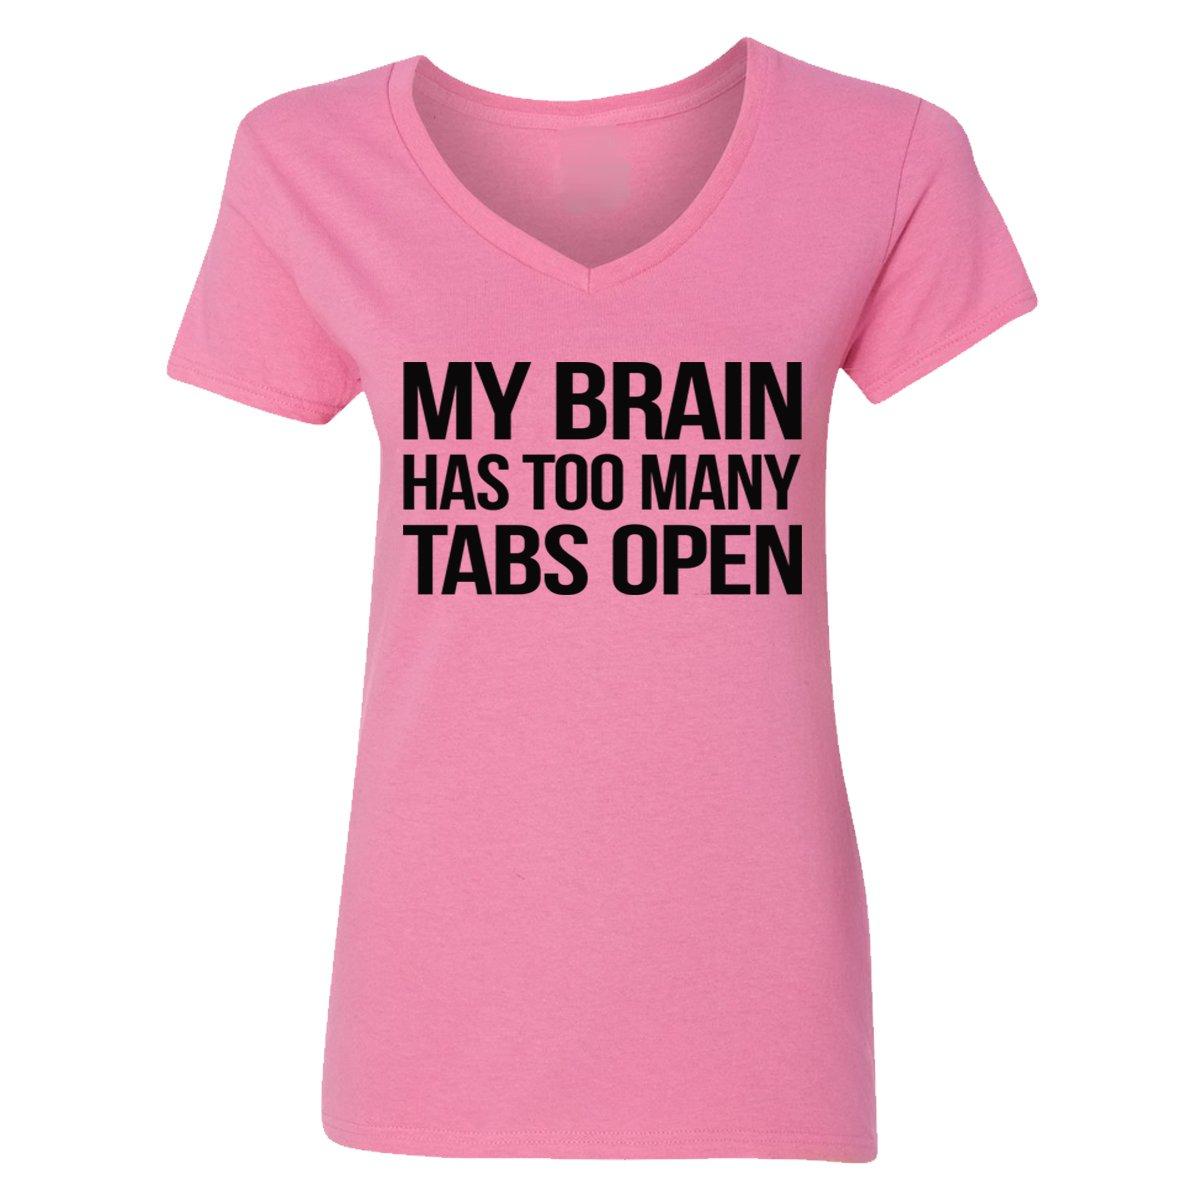 Camalen My Brain Has Too Many Tabs Open V-Neck T-Shirts for Women(Azalea,Medium) by Camalen (Image #1)